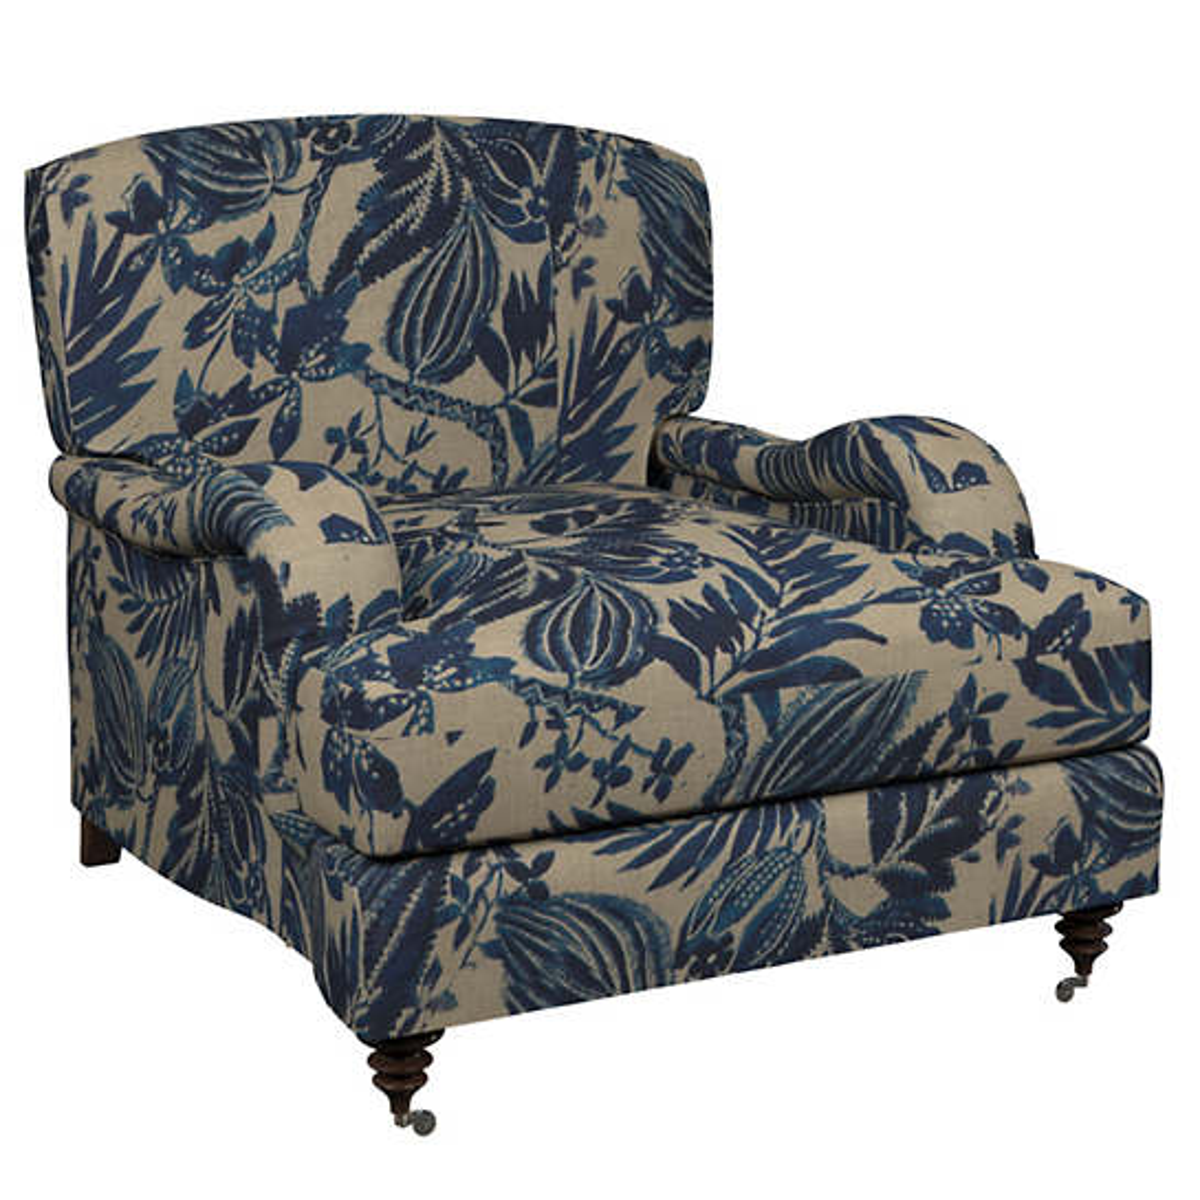 Antigua Linen Litchfield Chair